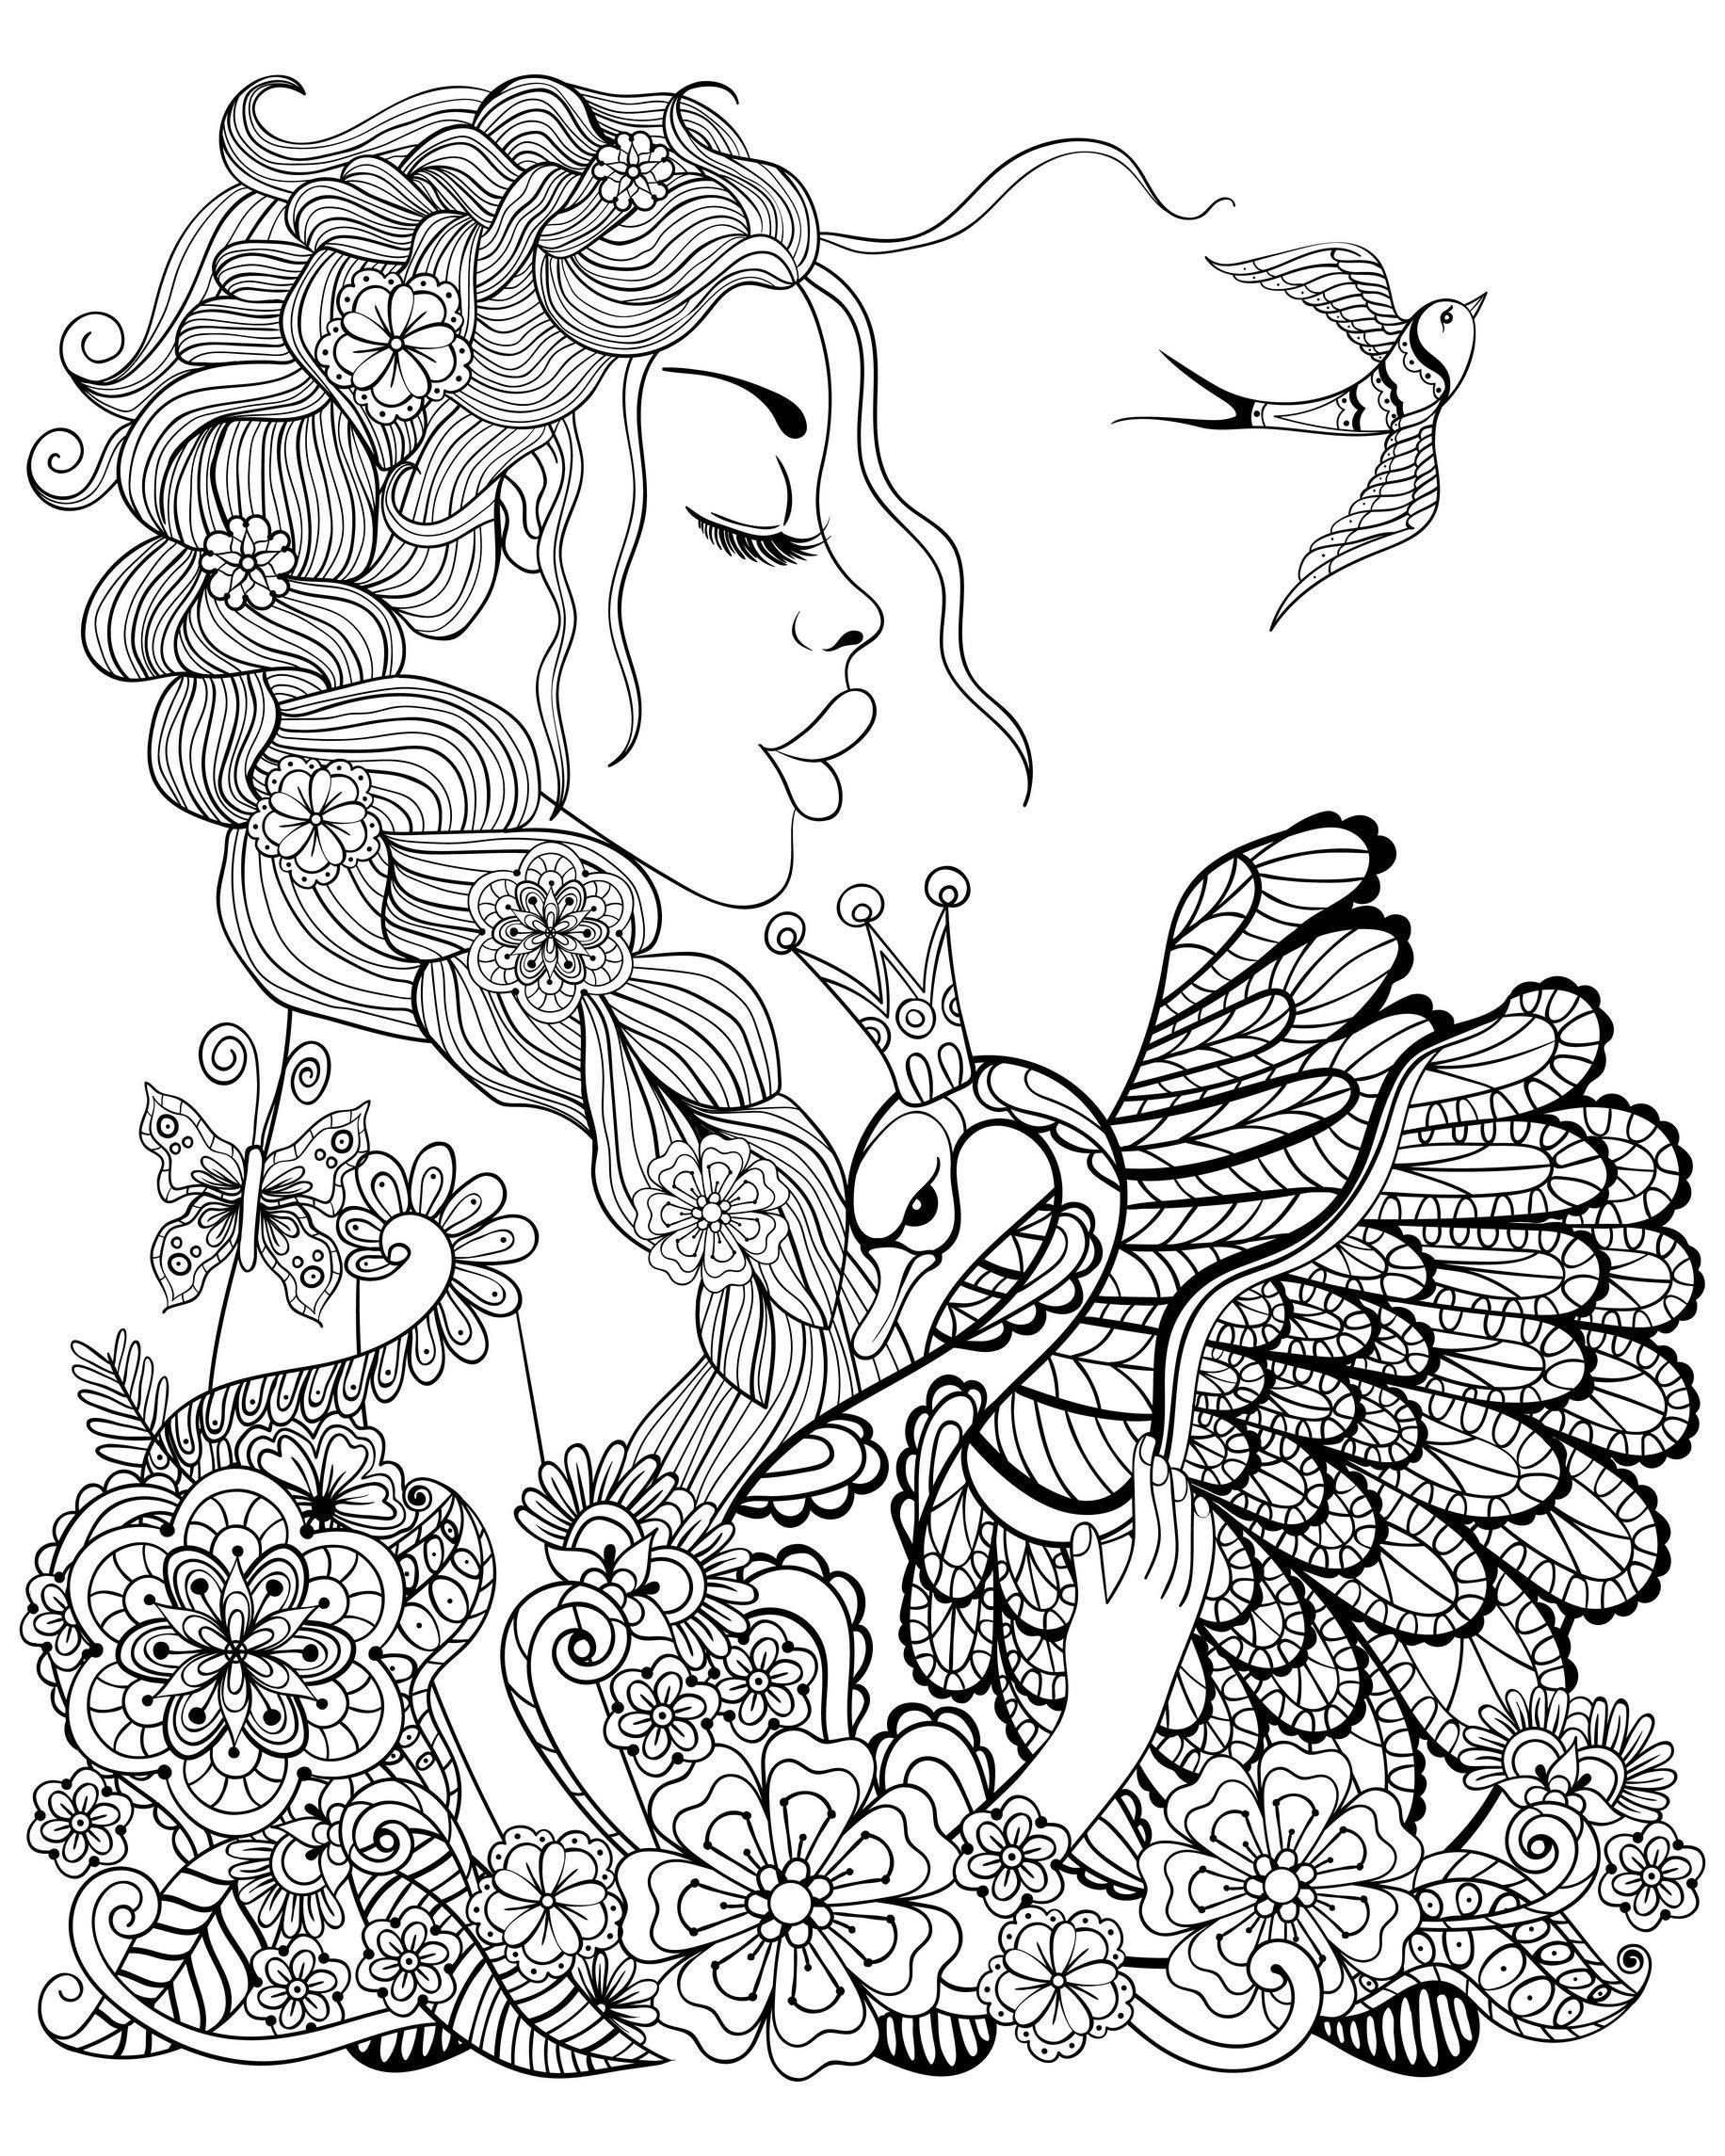 femme cygne et oiseau coloriage d 39 oiseaux coloriages pour enfants. Black Bedroom Furniture Sets. Home Design Ideas